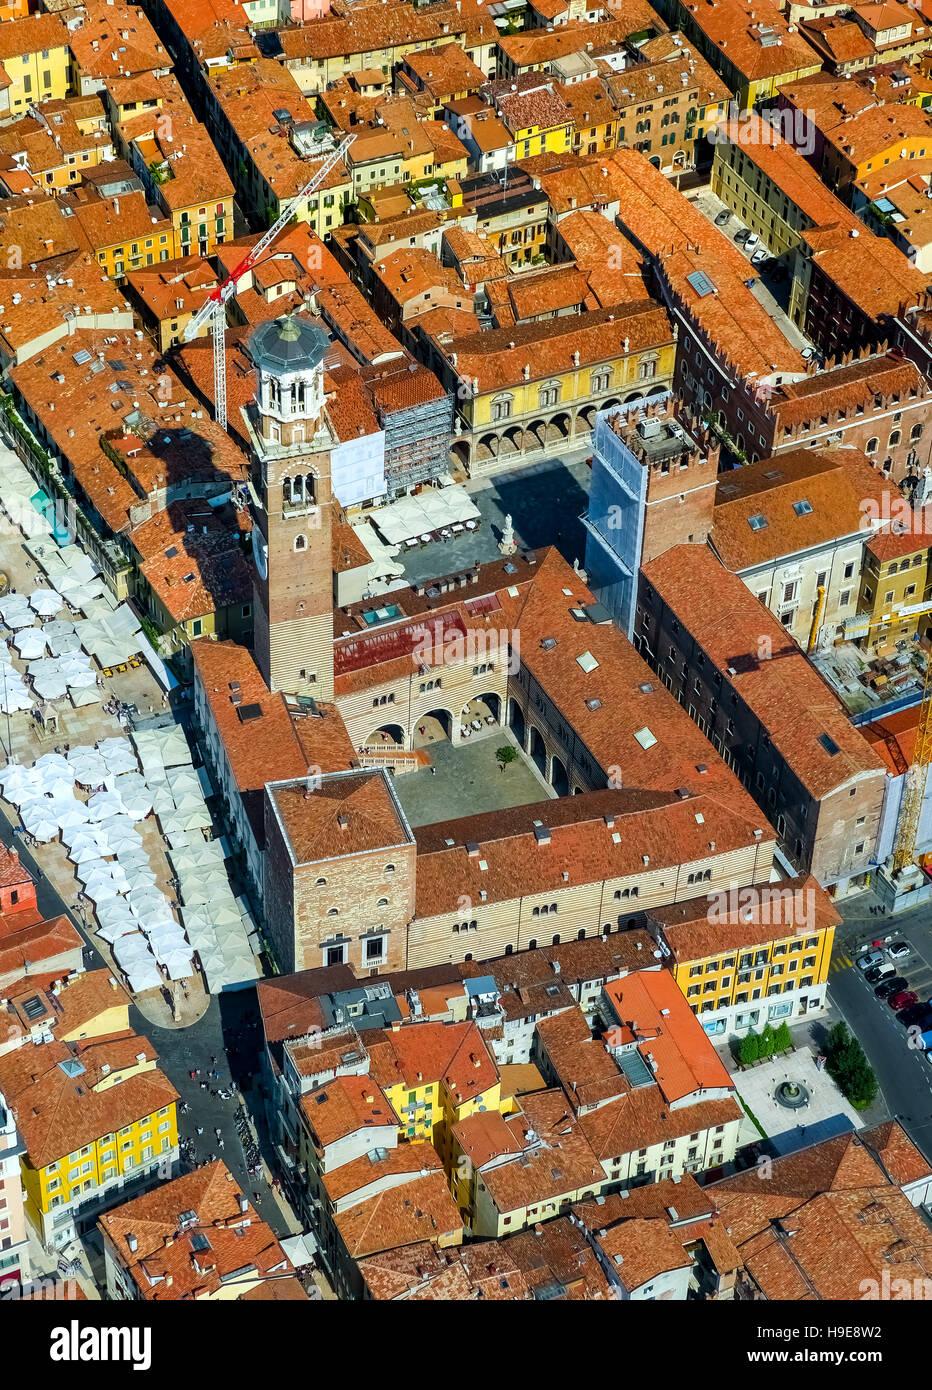 Luftbild, Piazza Delle Erbe, dem Marktplatz, Domus Mercatorum, Torre dei Lamberti, Zentrum von Verona, Nord-Italien, Stockbild